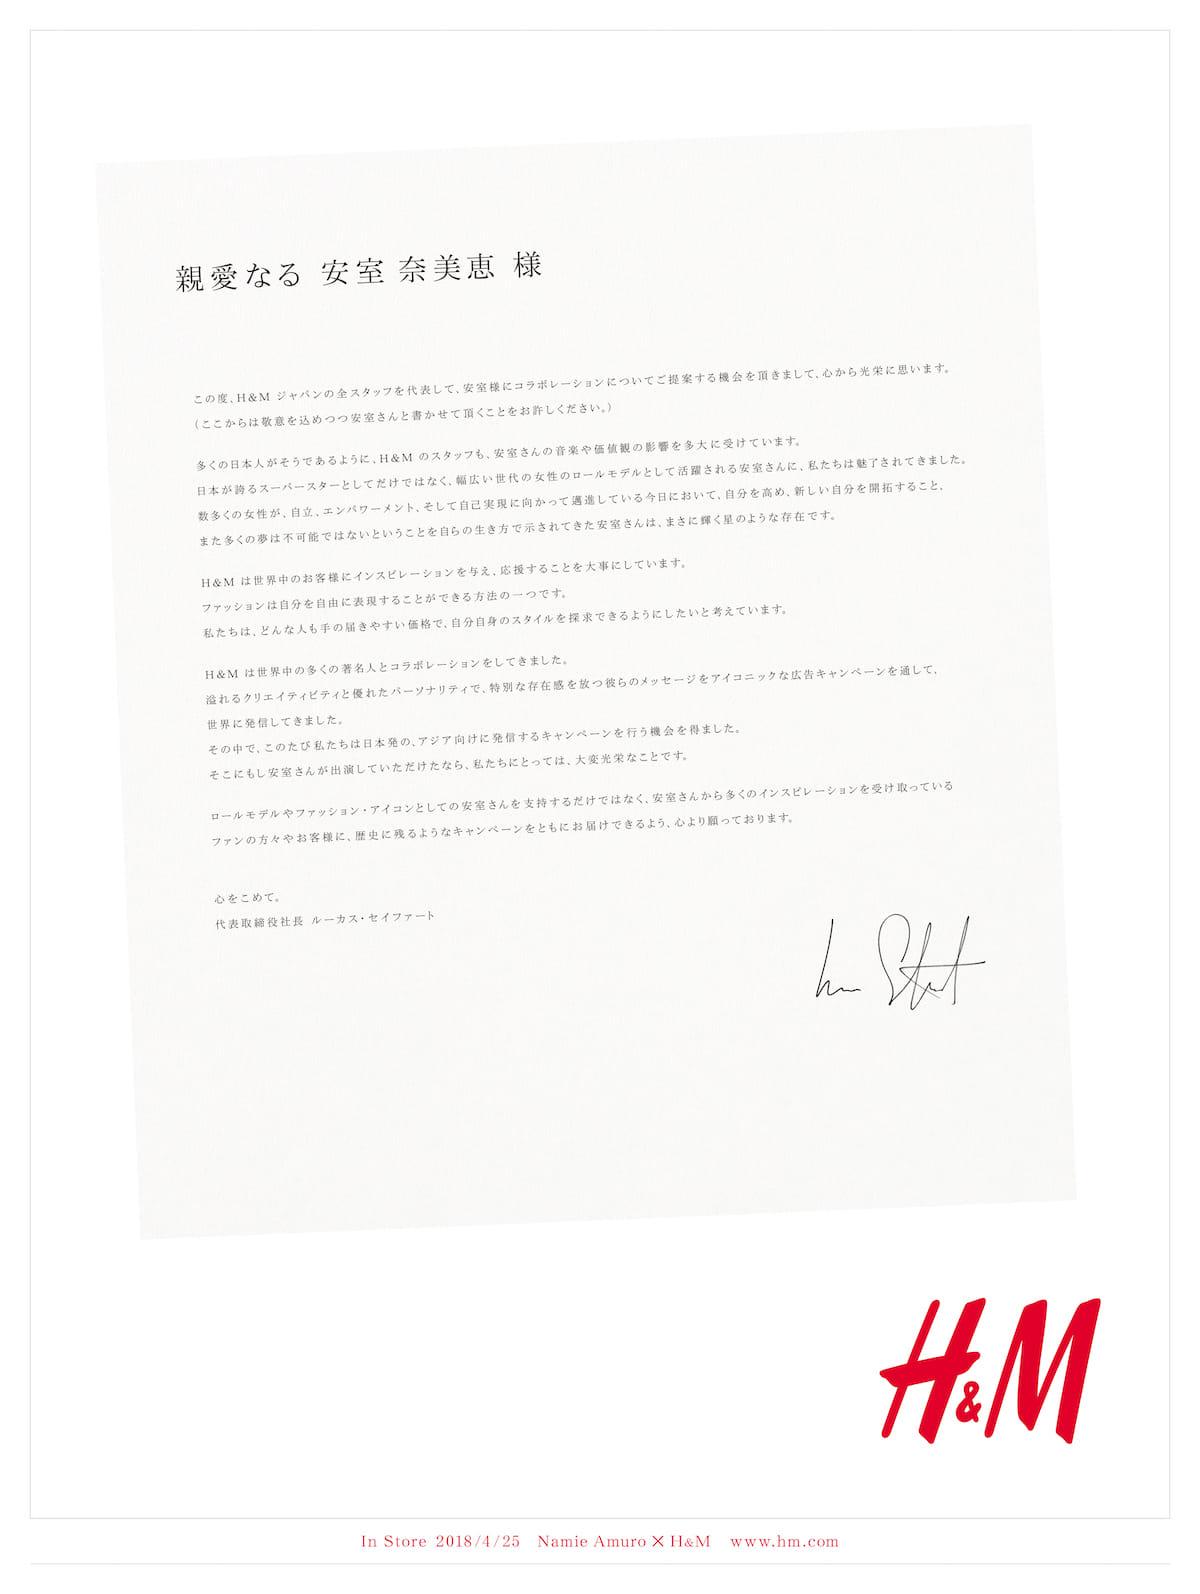 安室奈美恵、H&Mとコラボ。H&M社長が「まさに輝く星のような存在」と絶賛! music180410_namieamuro-hm_2-1200x1594